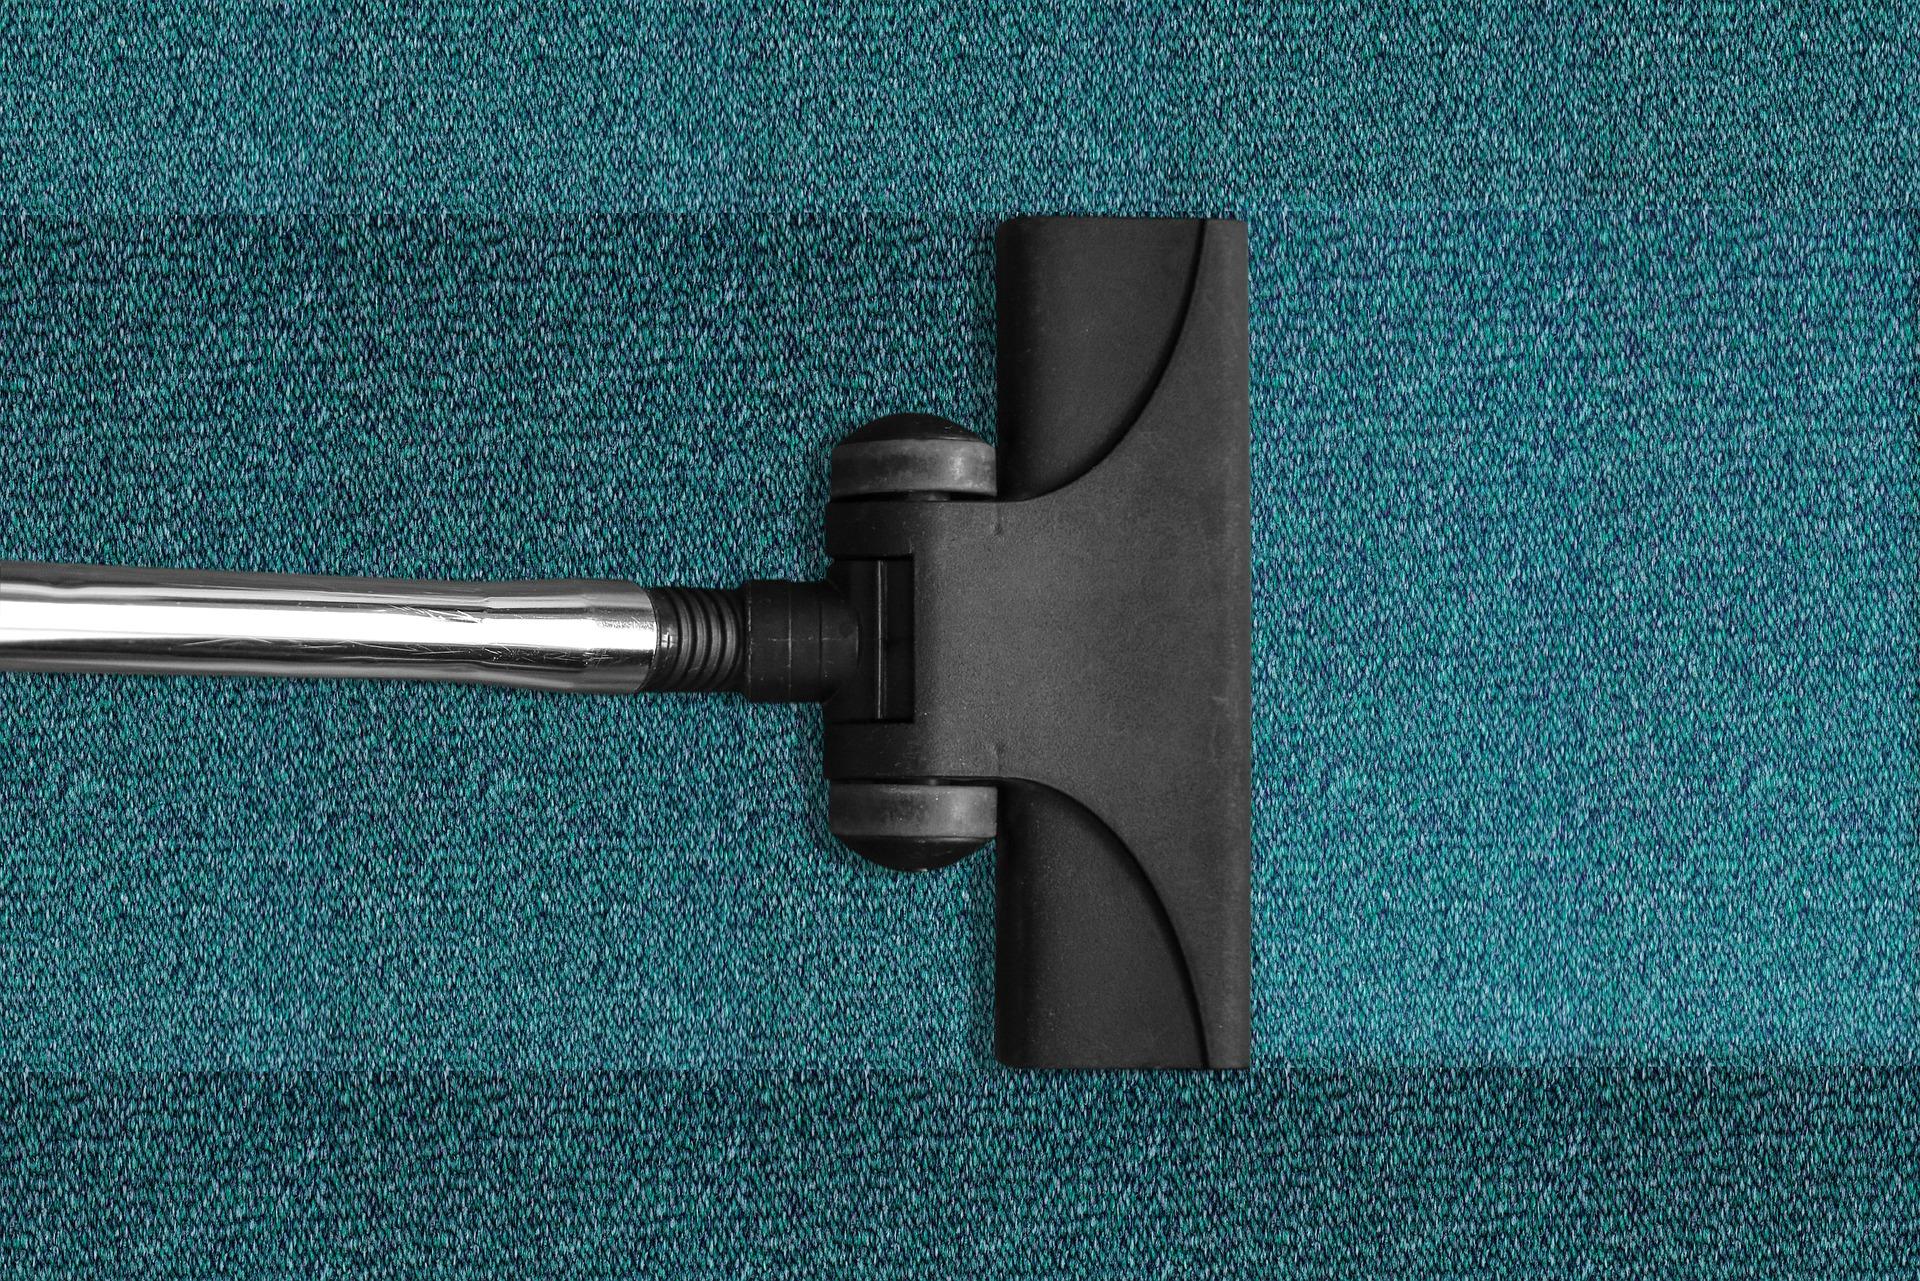 Vacuum Cleaner 268179 1920